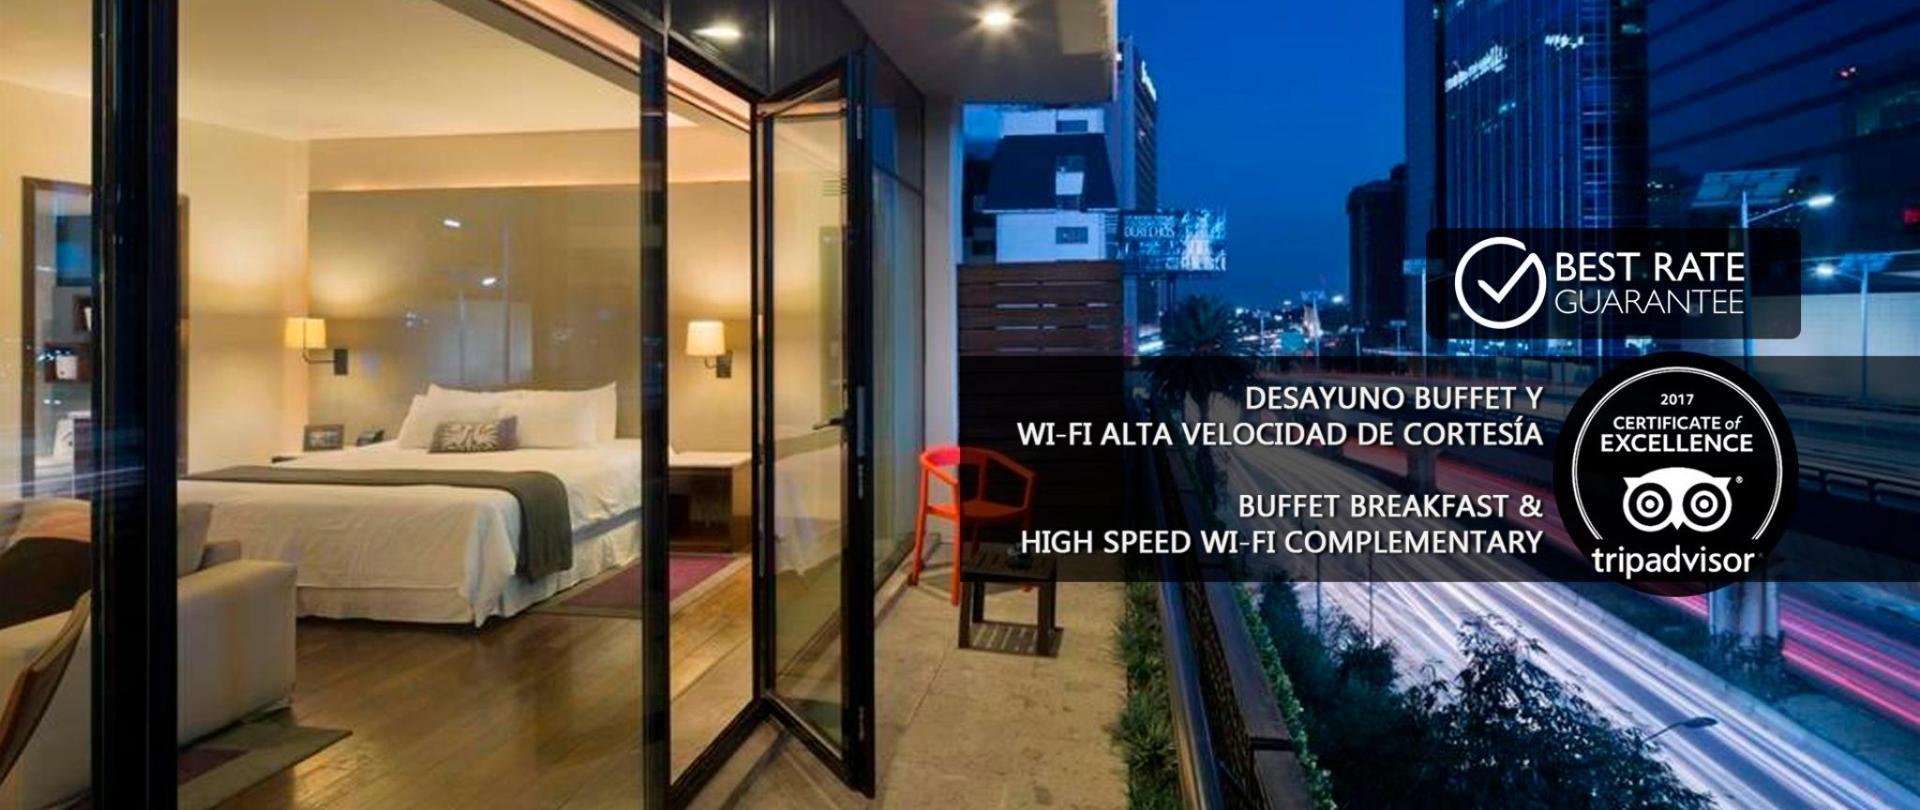 suites6.jpg